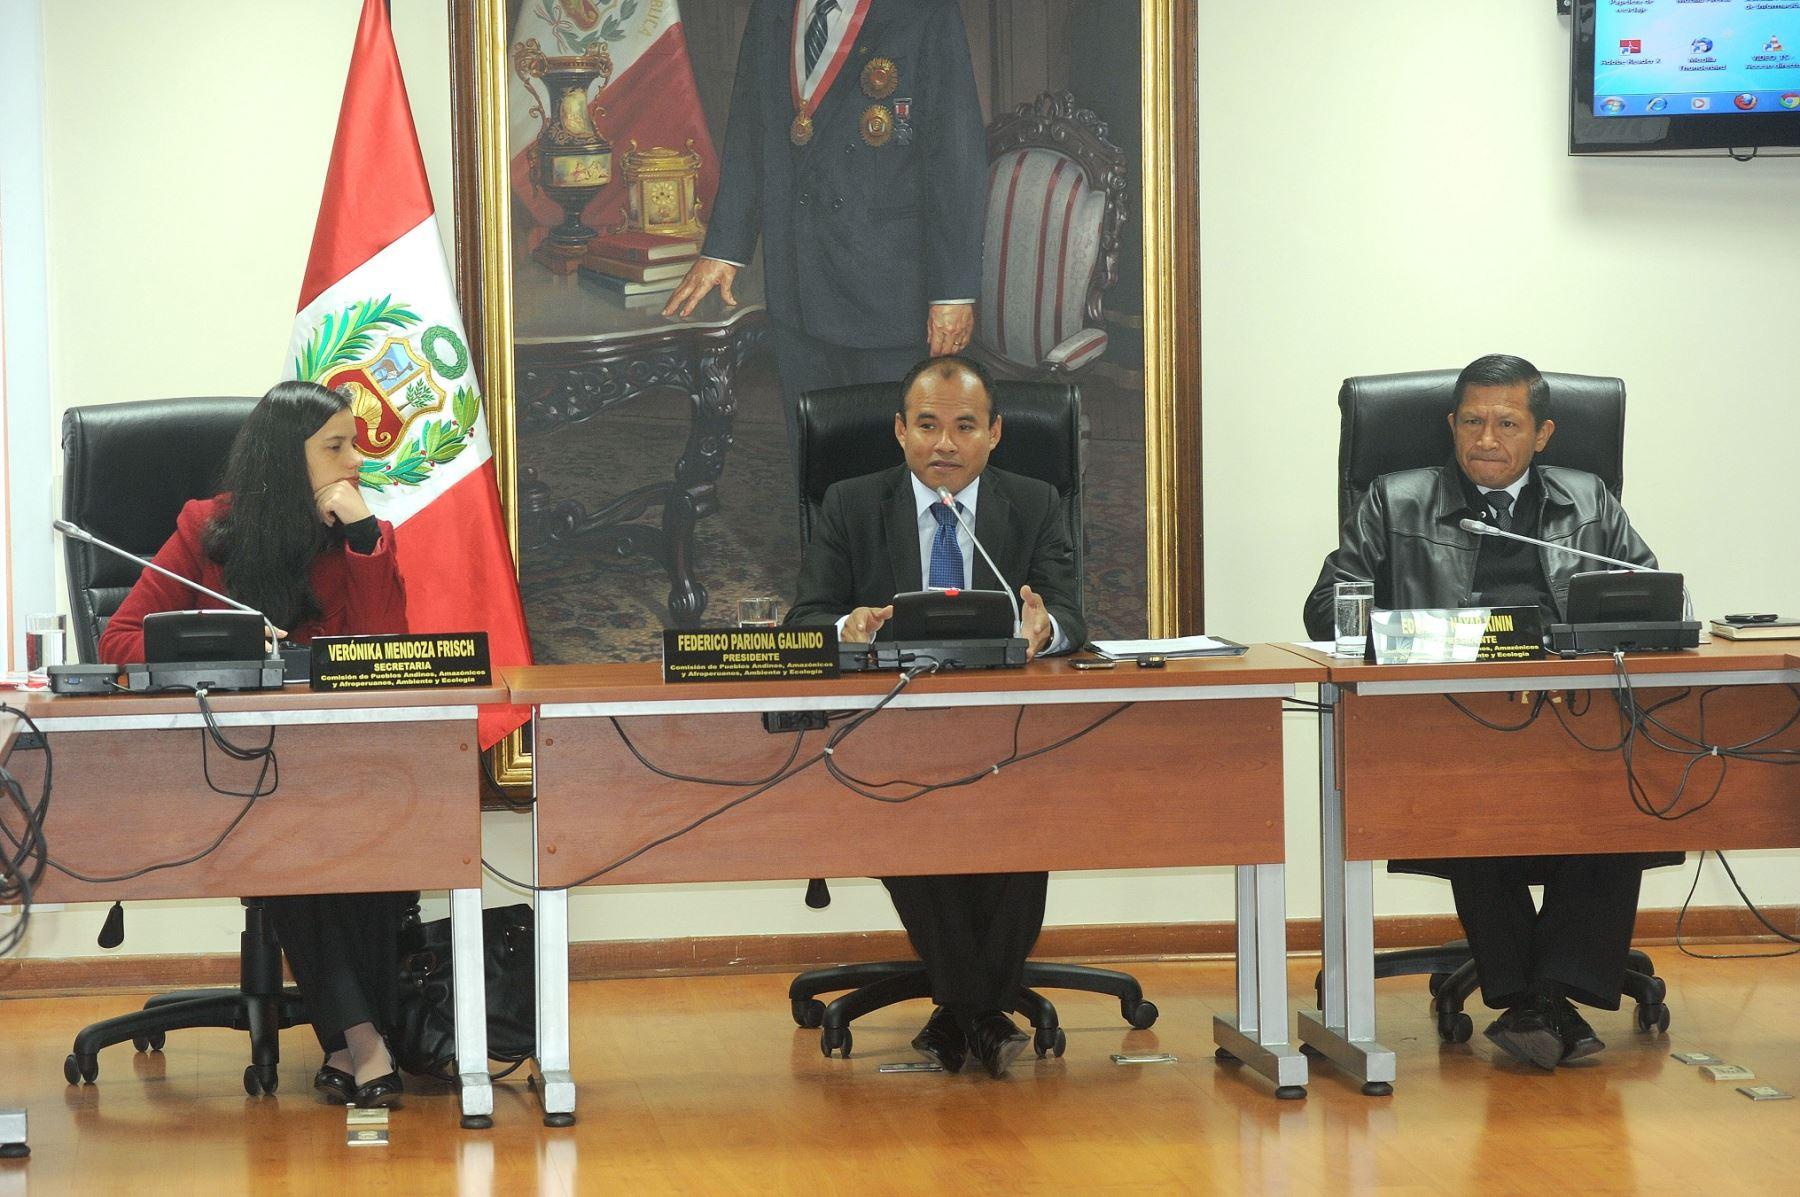 Comisión de Pueblos Andinos y Amazónicos presido por Federico Pariona